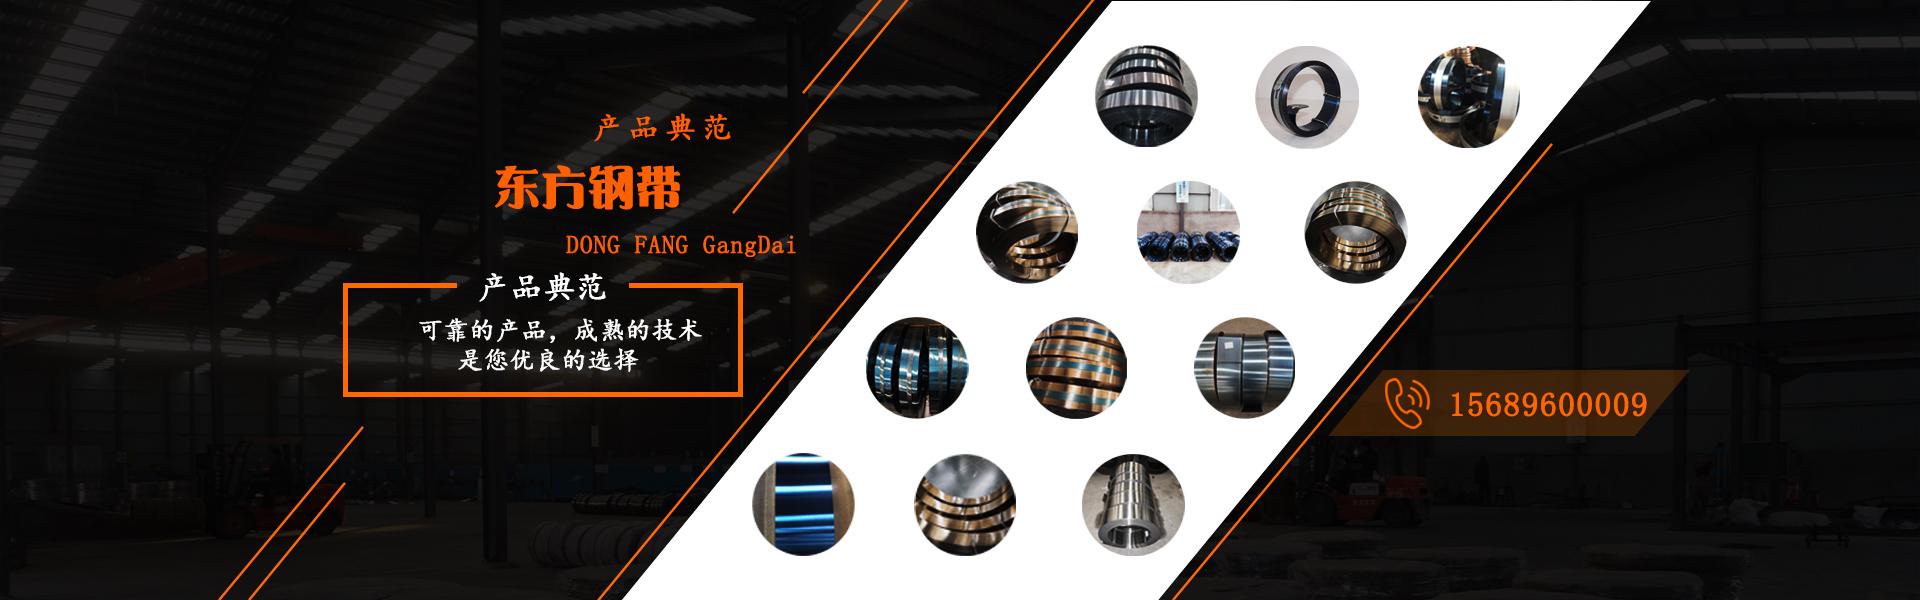 烤蓝钢带,淬火钢带,热处理钢带厂家,钢带厂家